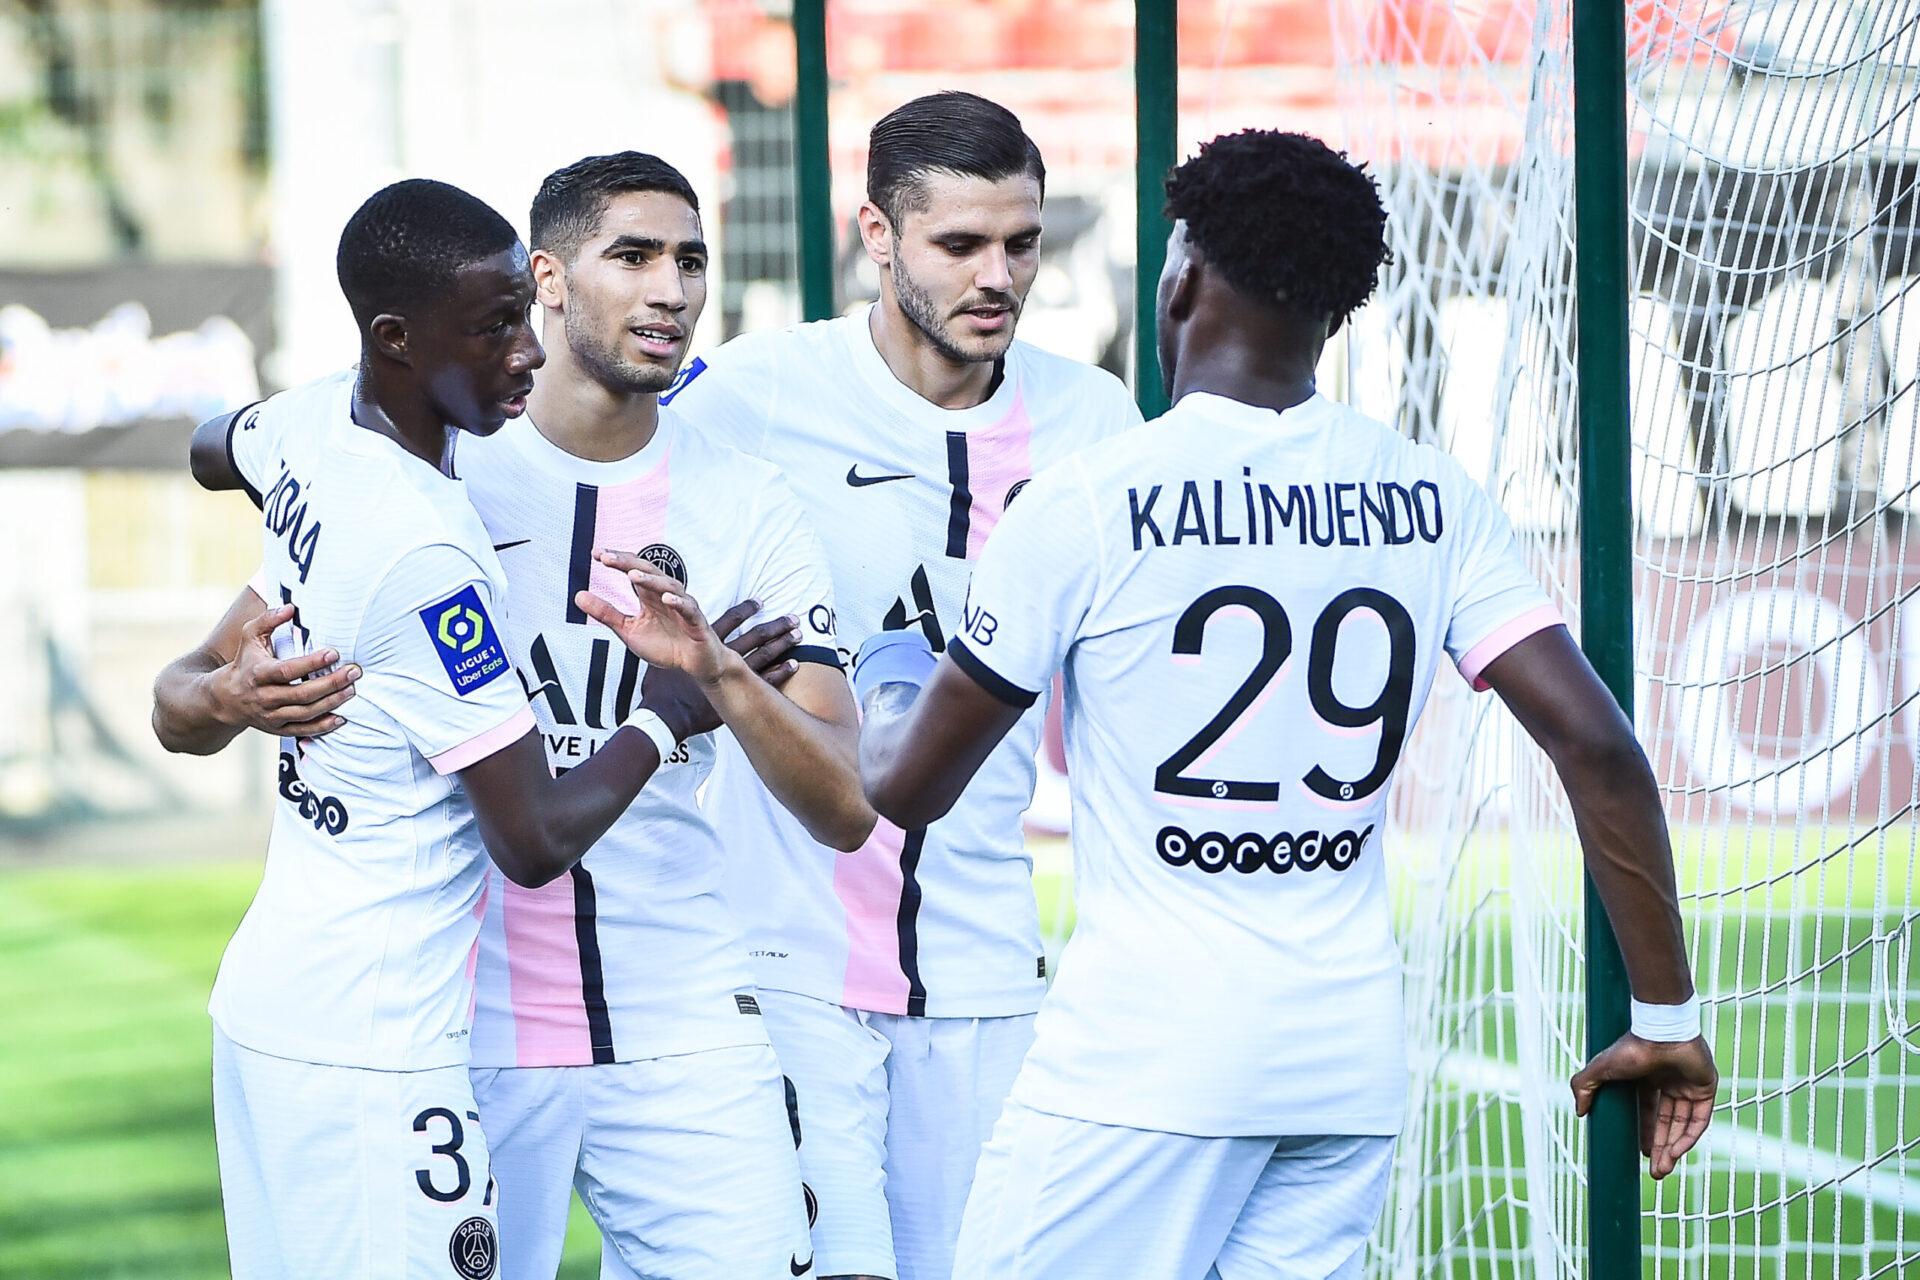 Les titis parisiens pourrait avoir leur chance, avant l'arrivée de nouvelles recrues au PSG ? Icon Sport